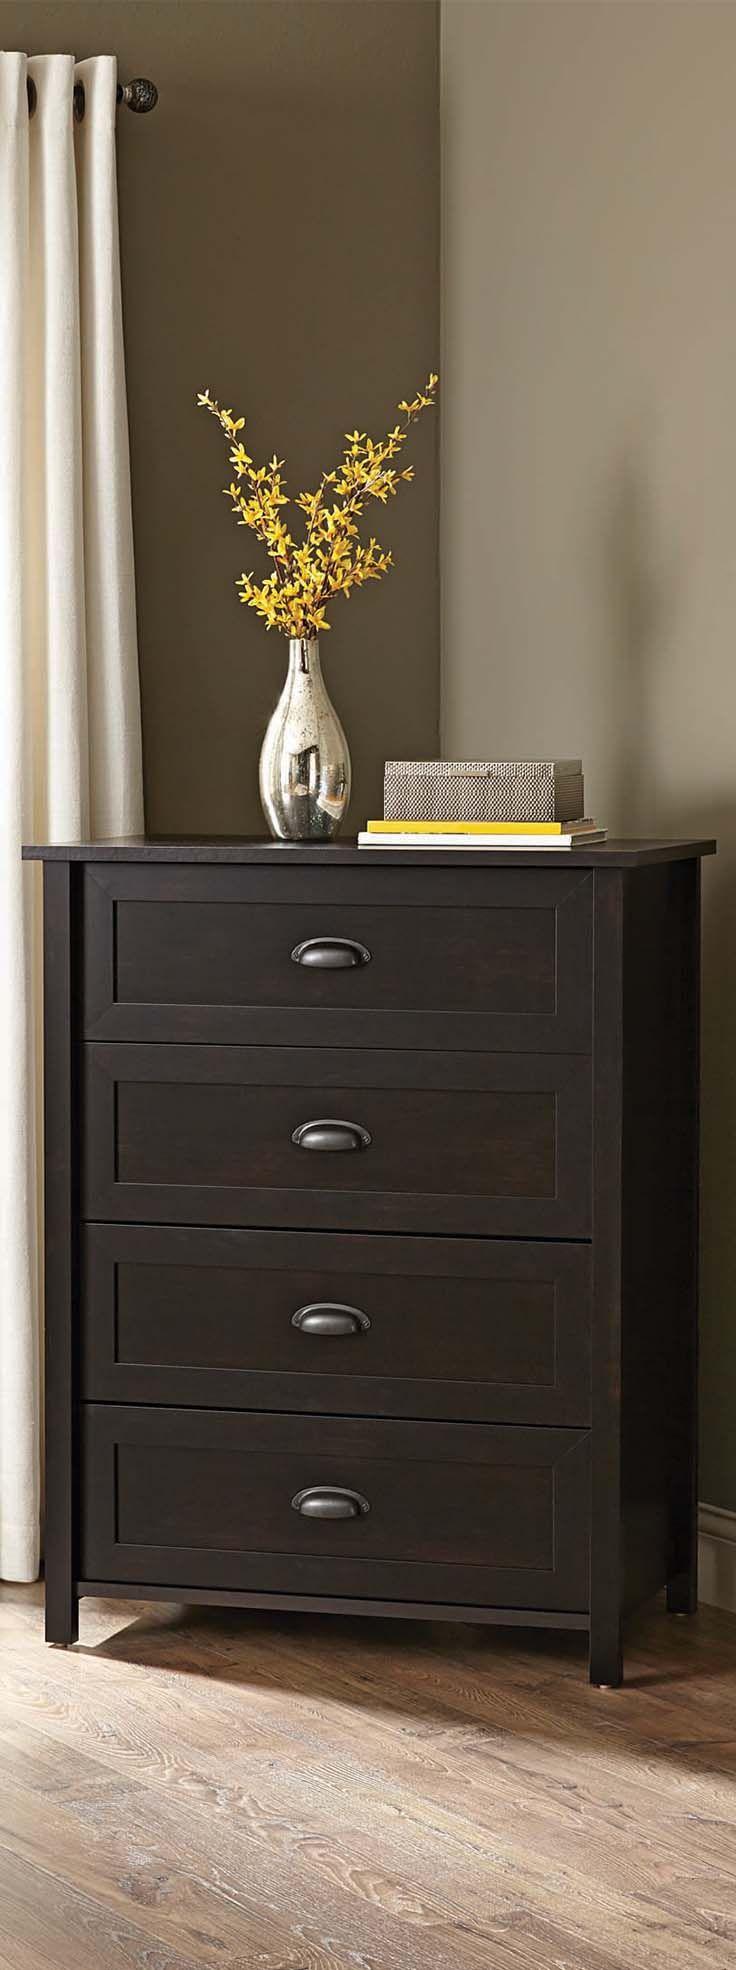 170 best affordable furniture images on pinterest for Affordable furniture lafayette la